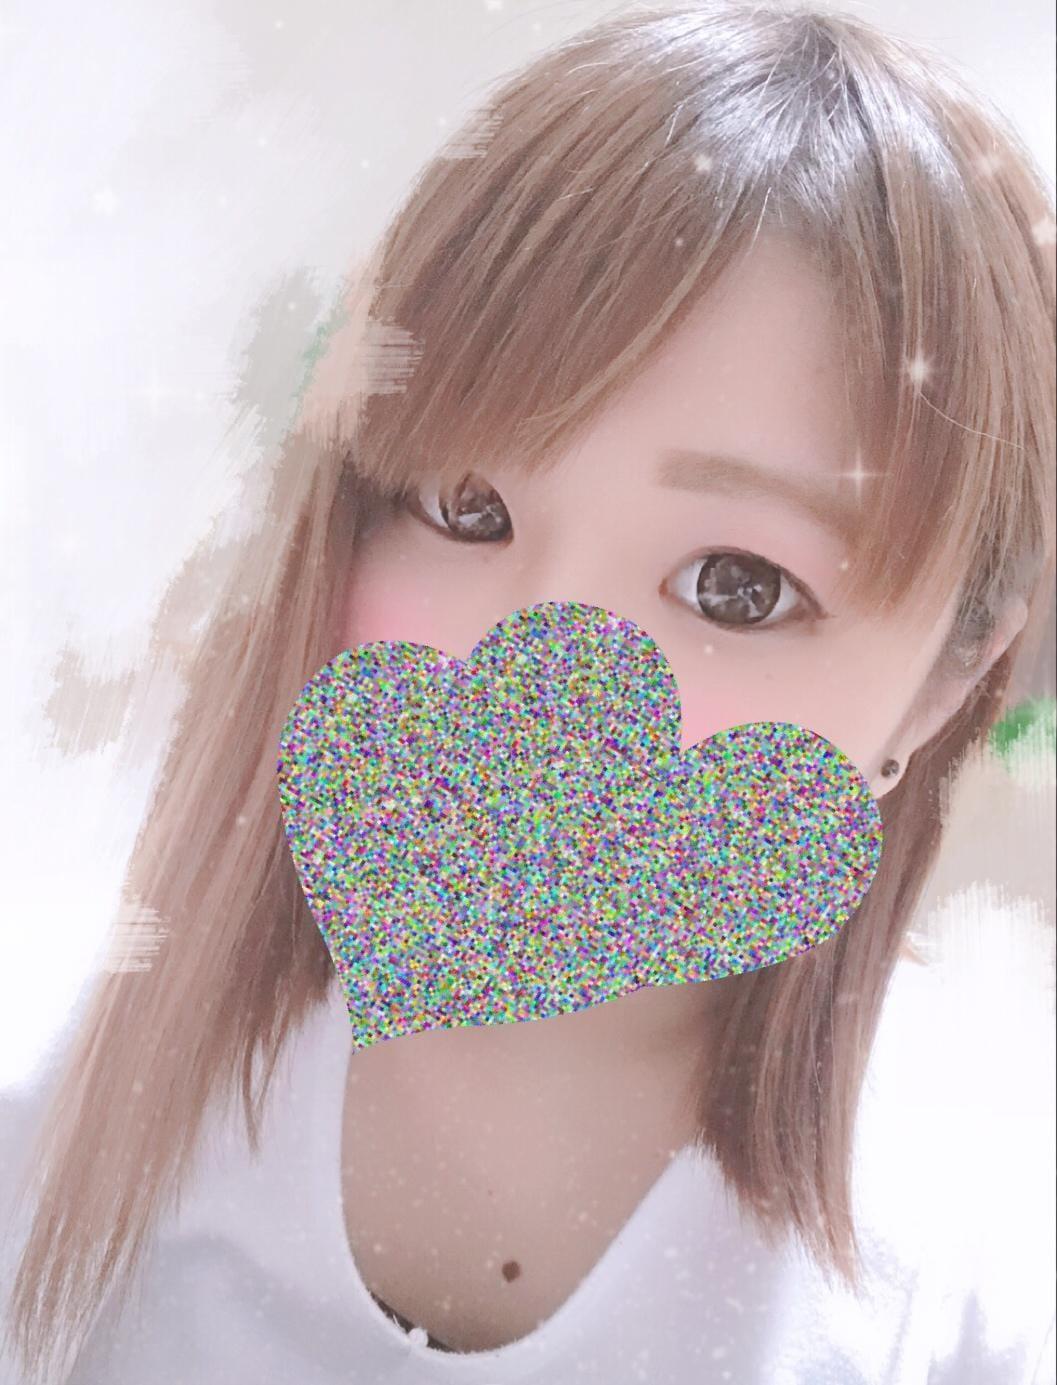 「起きたよ〜」04/24(水) 15:30 | きゃれんの写メ・風俗動画